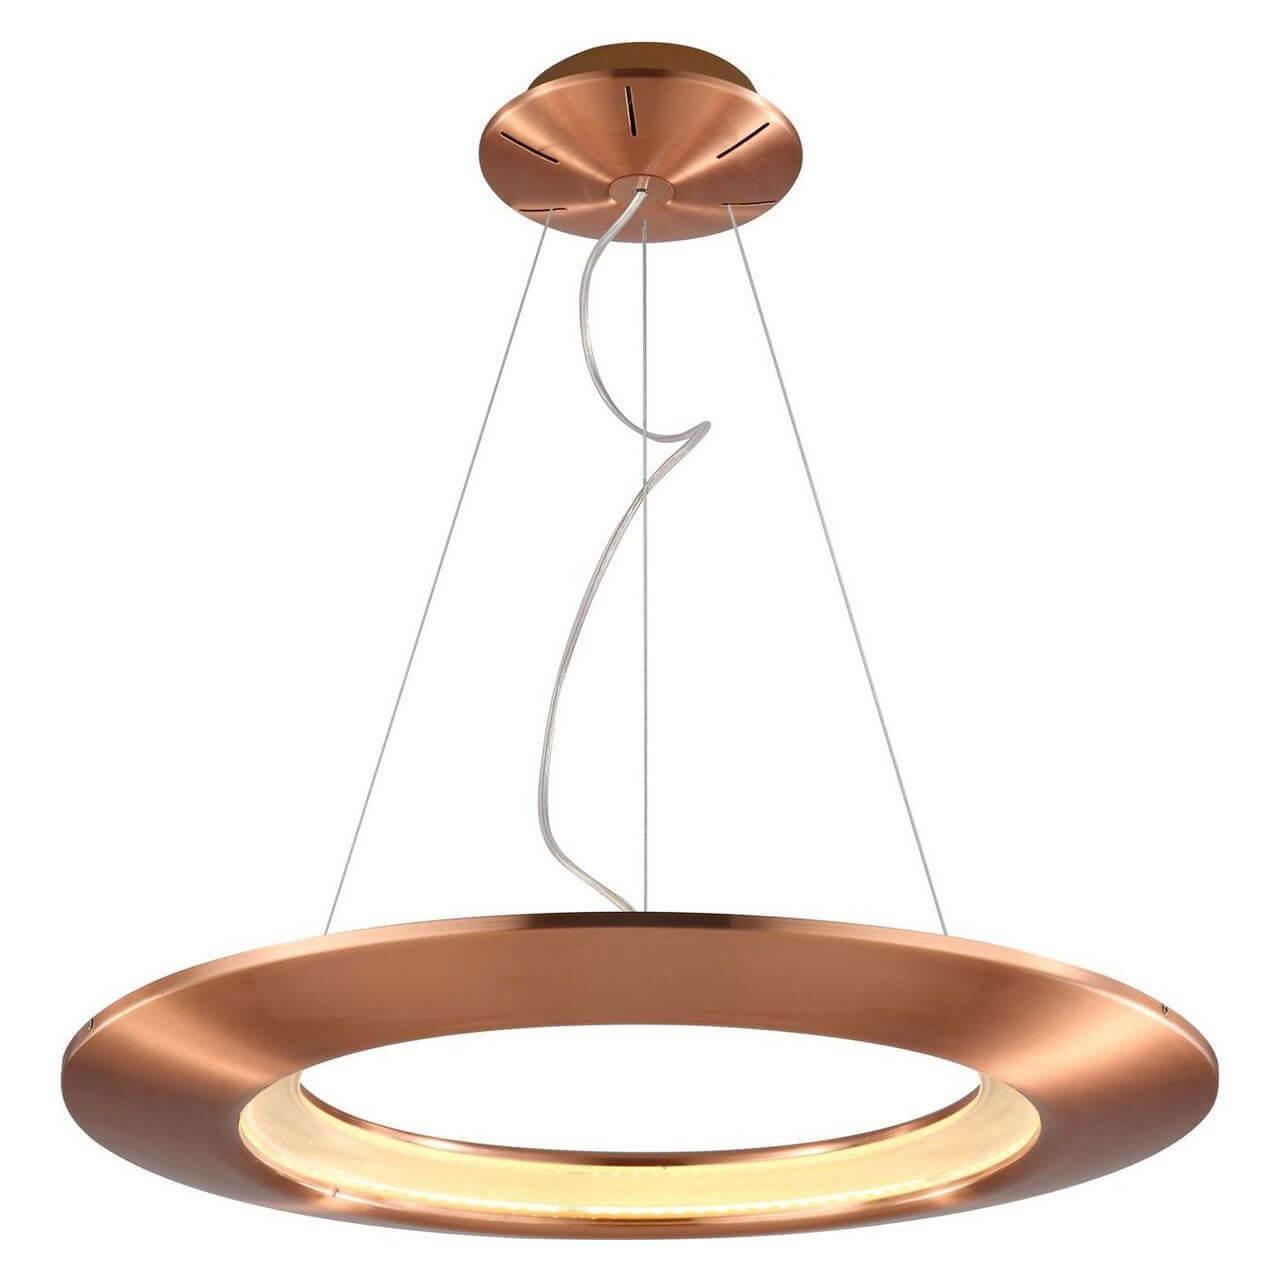 купить Подвесной светодиодный светильник Horoz Concept-35 розовый 019-010-0035 по цене 10700 рублей